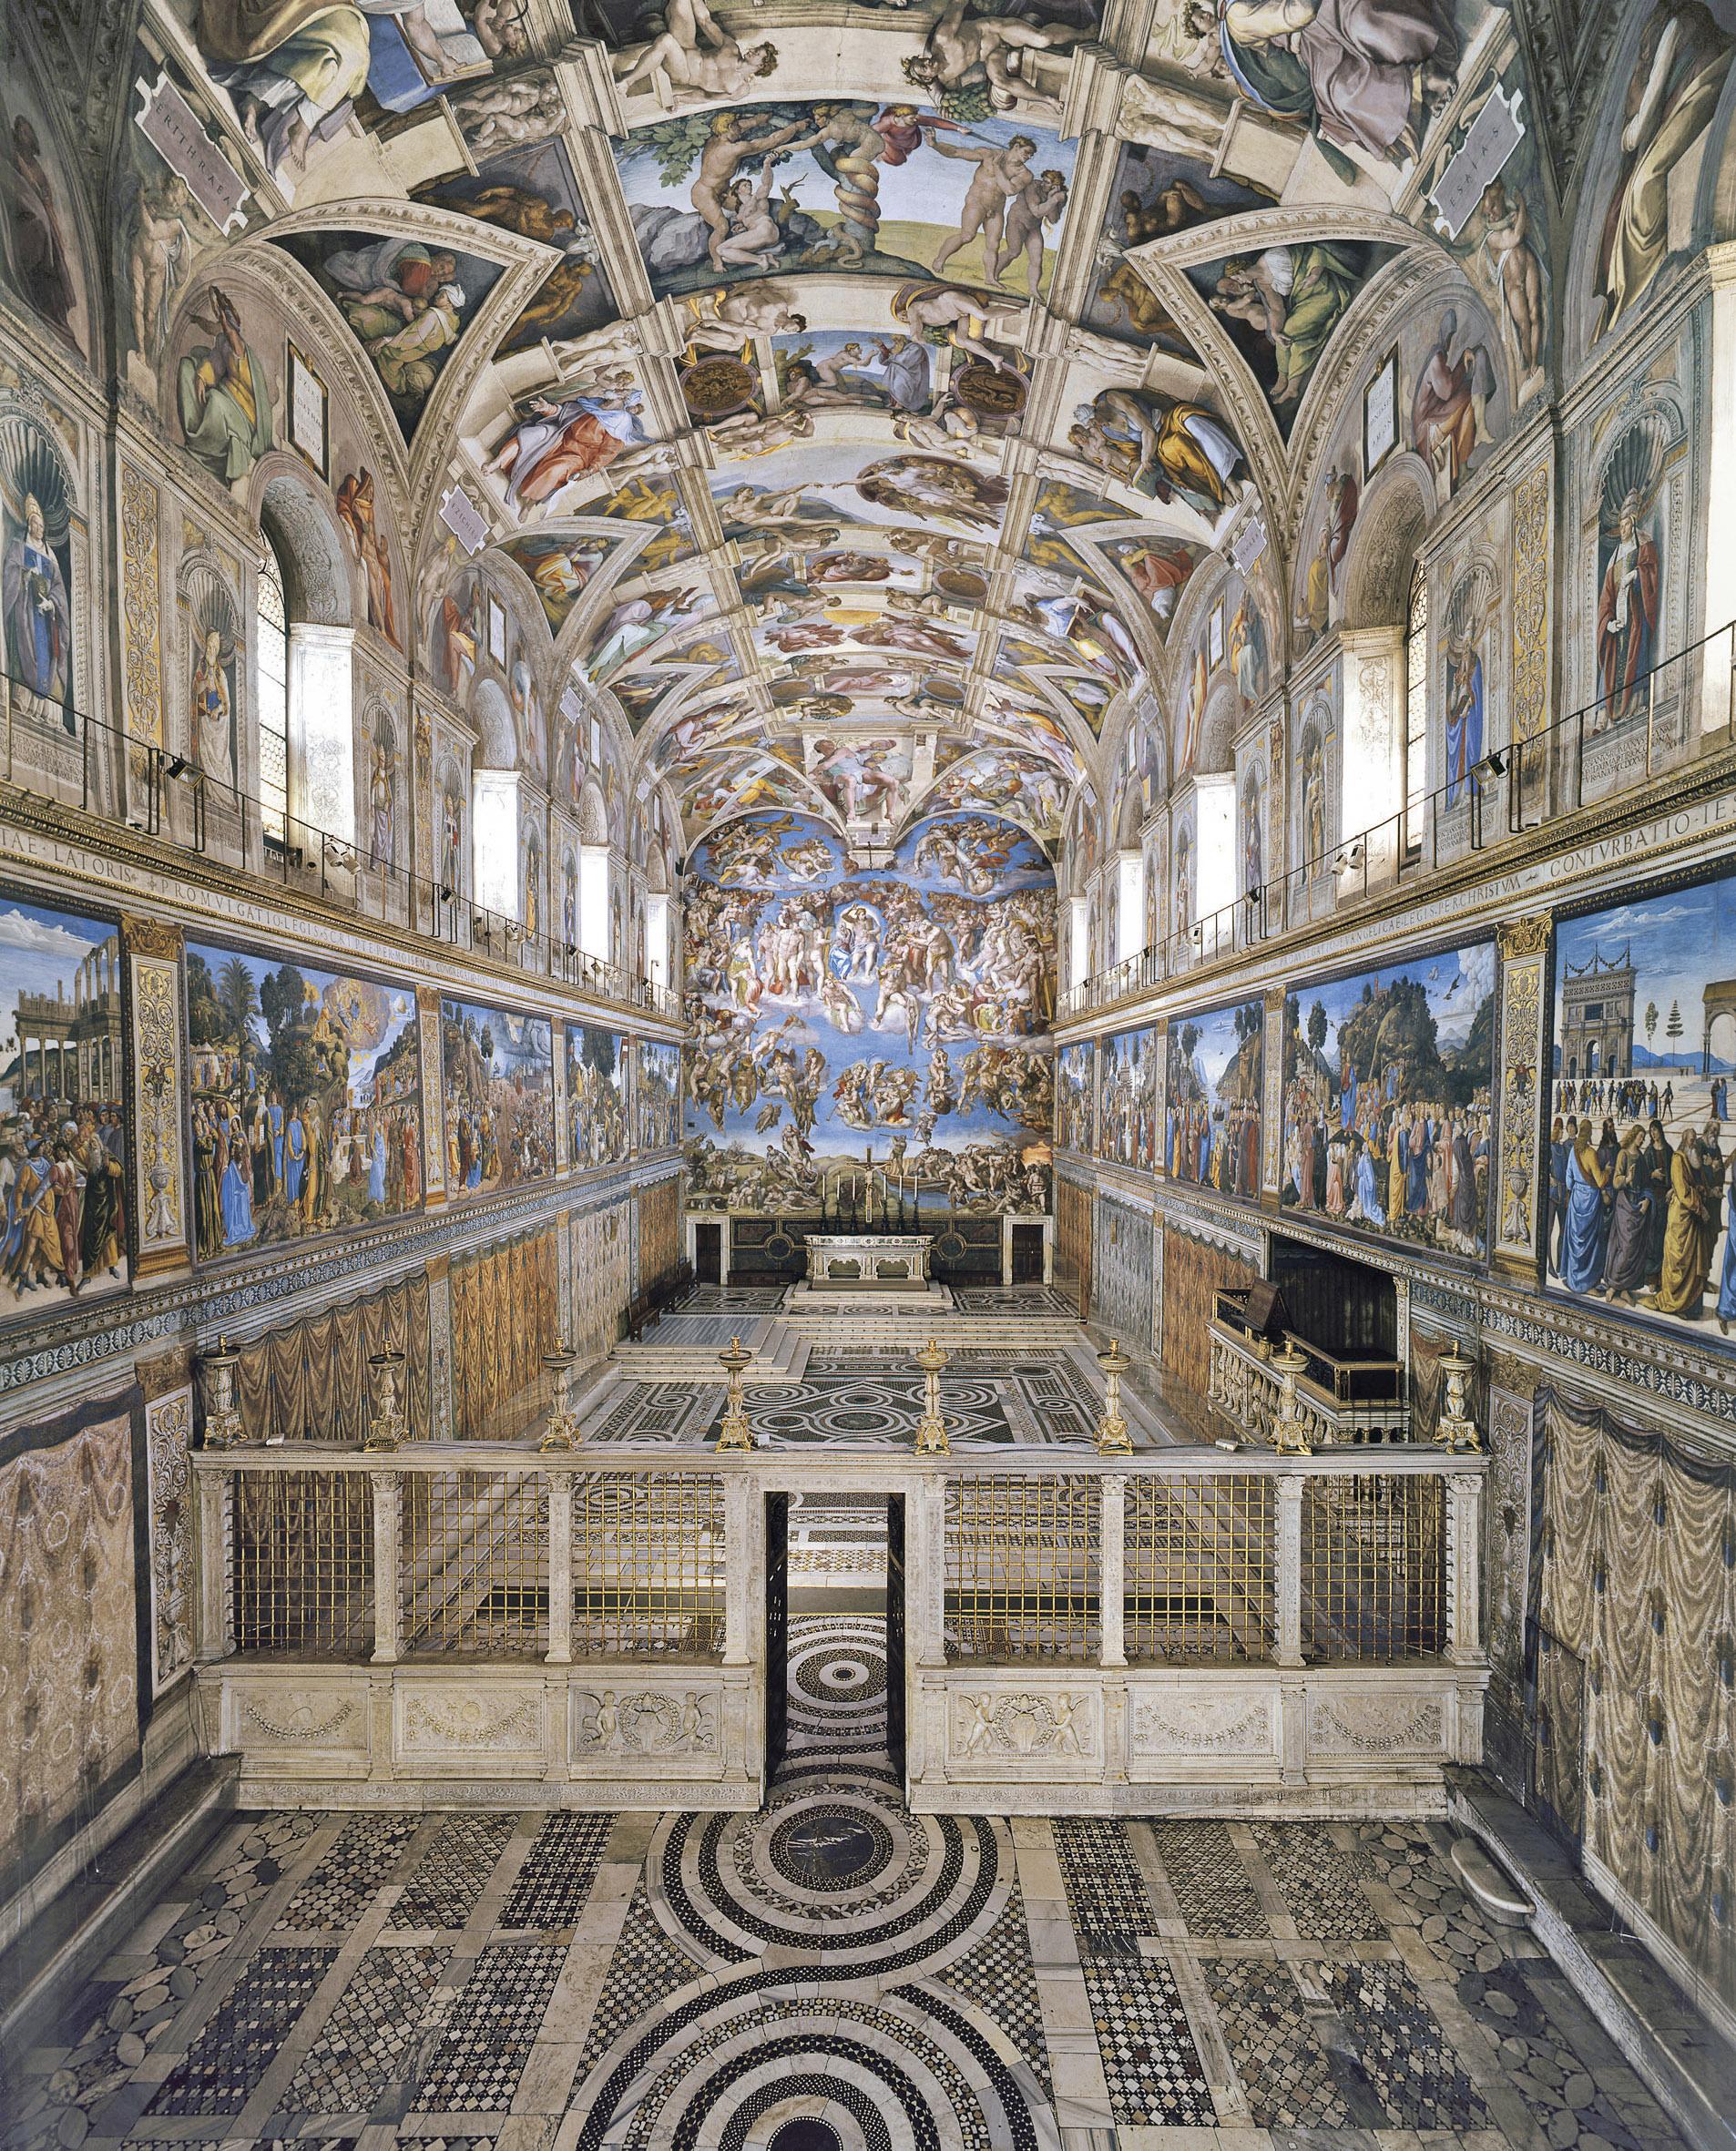 Fabertechnica cappella sistina citt del vaticano 2014 for Decorazione quattrocentesca della cappella sistina